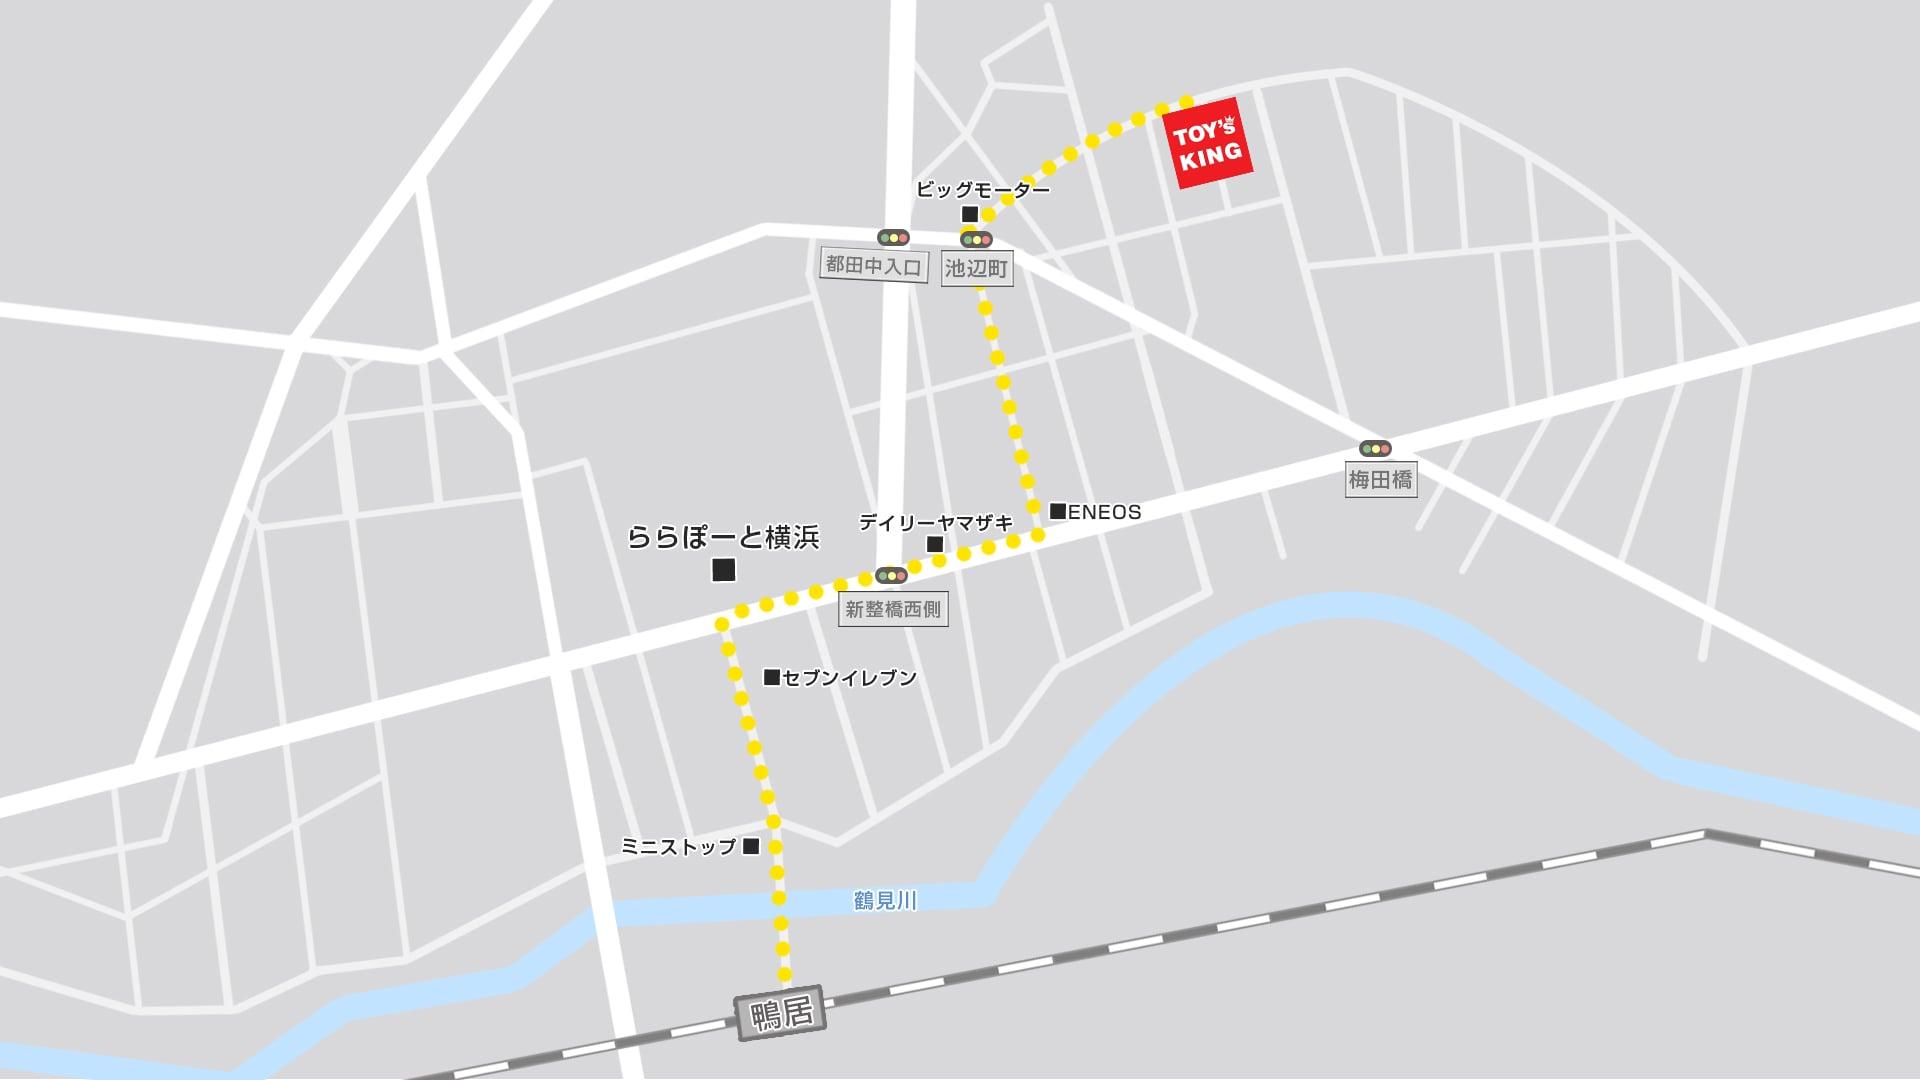 トイズキング神奈川買取センターMAP